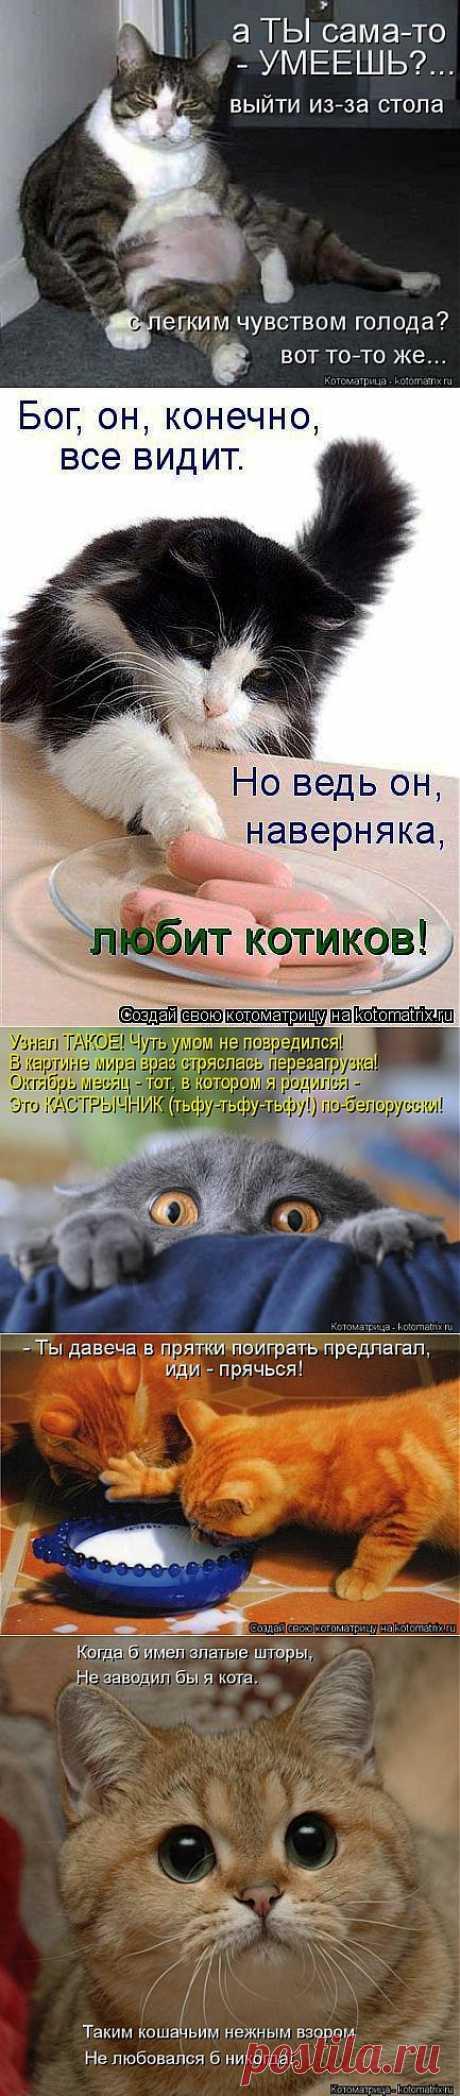 Новый сборник котоматриц | Четвероногий юмор